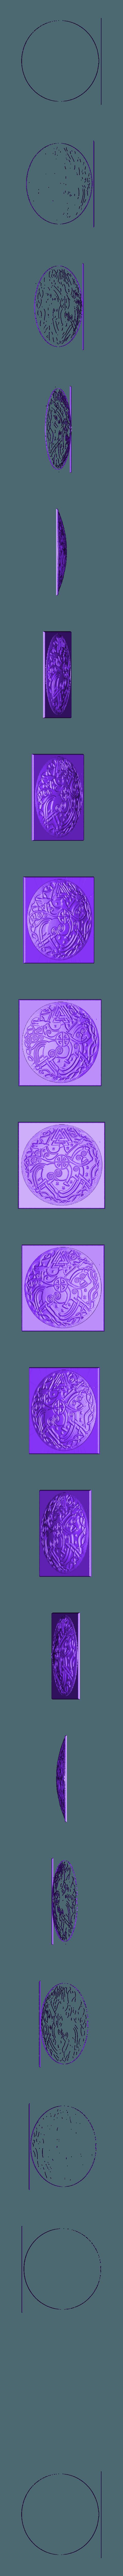 odino2.stl Télécharger fichier STL gratuit odin wotan odino odino dieu nordique 2 • Design pour imprimante 3D, marctull297